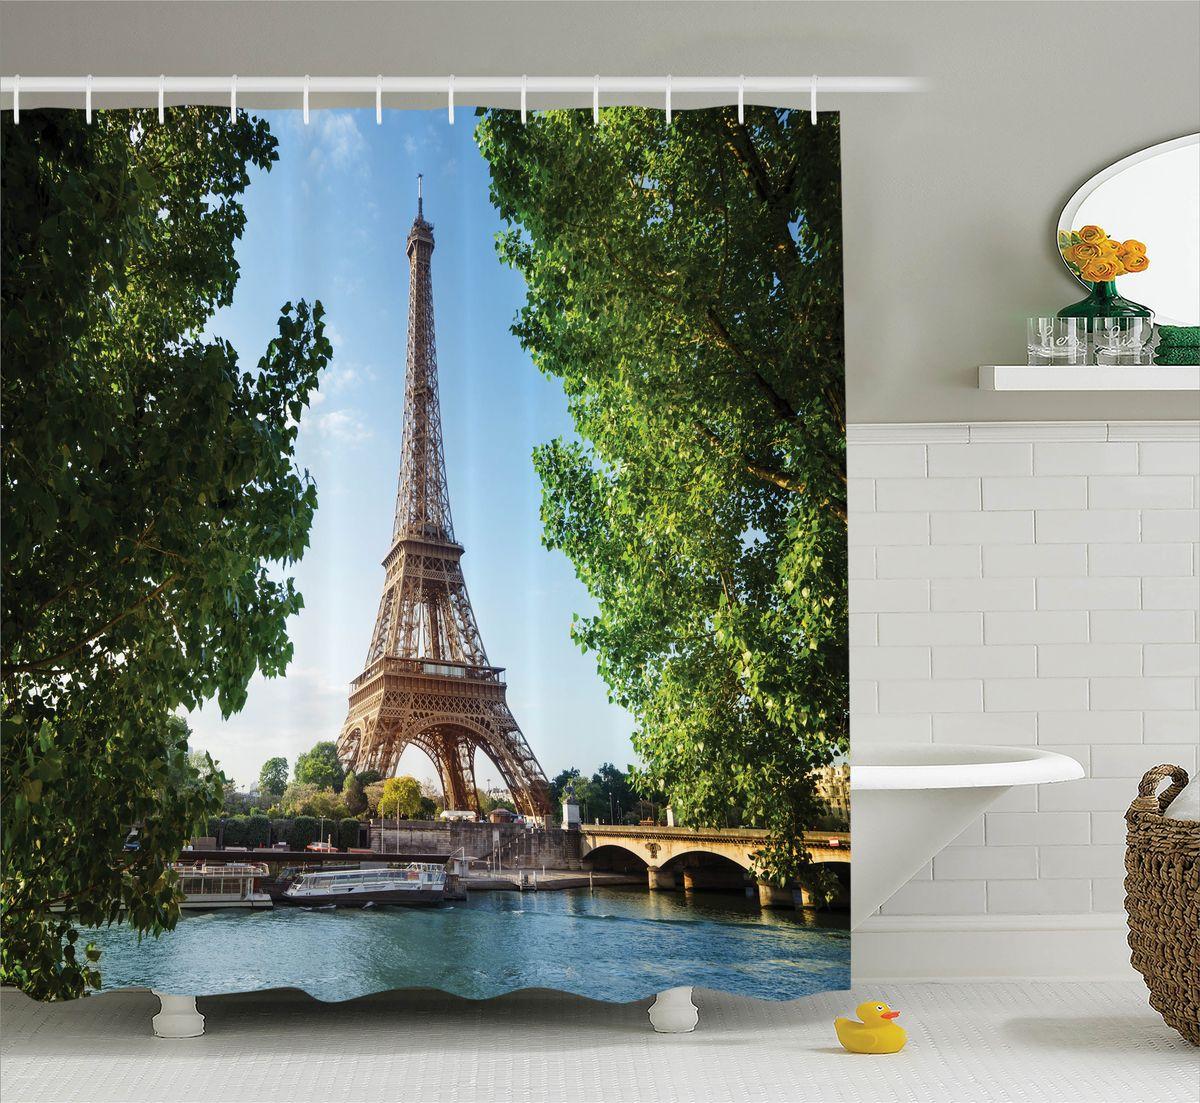 Штора для ванной комнаты Magic Lady Эйфелева башня среди деревьев, 180 х 200 смшв_11335Штора Magic Lady Эйфелева башня среди деревьев, изготовленная из высококачественного сатена (полиэстер 100%), отлично дополнит любой интерьер ванной комнаты. При изготовлении используются специальные гипоаллергенные чернила для прямой печати по ткани, безопасные для человека. В комплекте: 1 штора, 12 крючков. Обращаем ваше внимание, фактический цвет изделия может незначительно отличаться от представленного на фото.